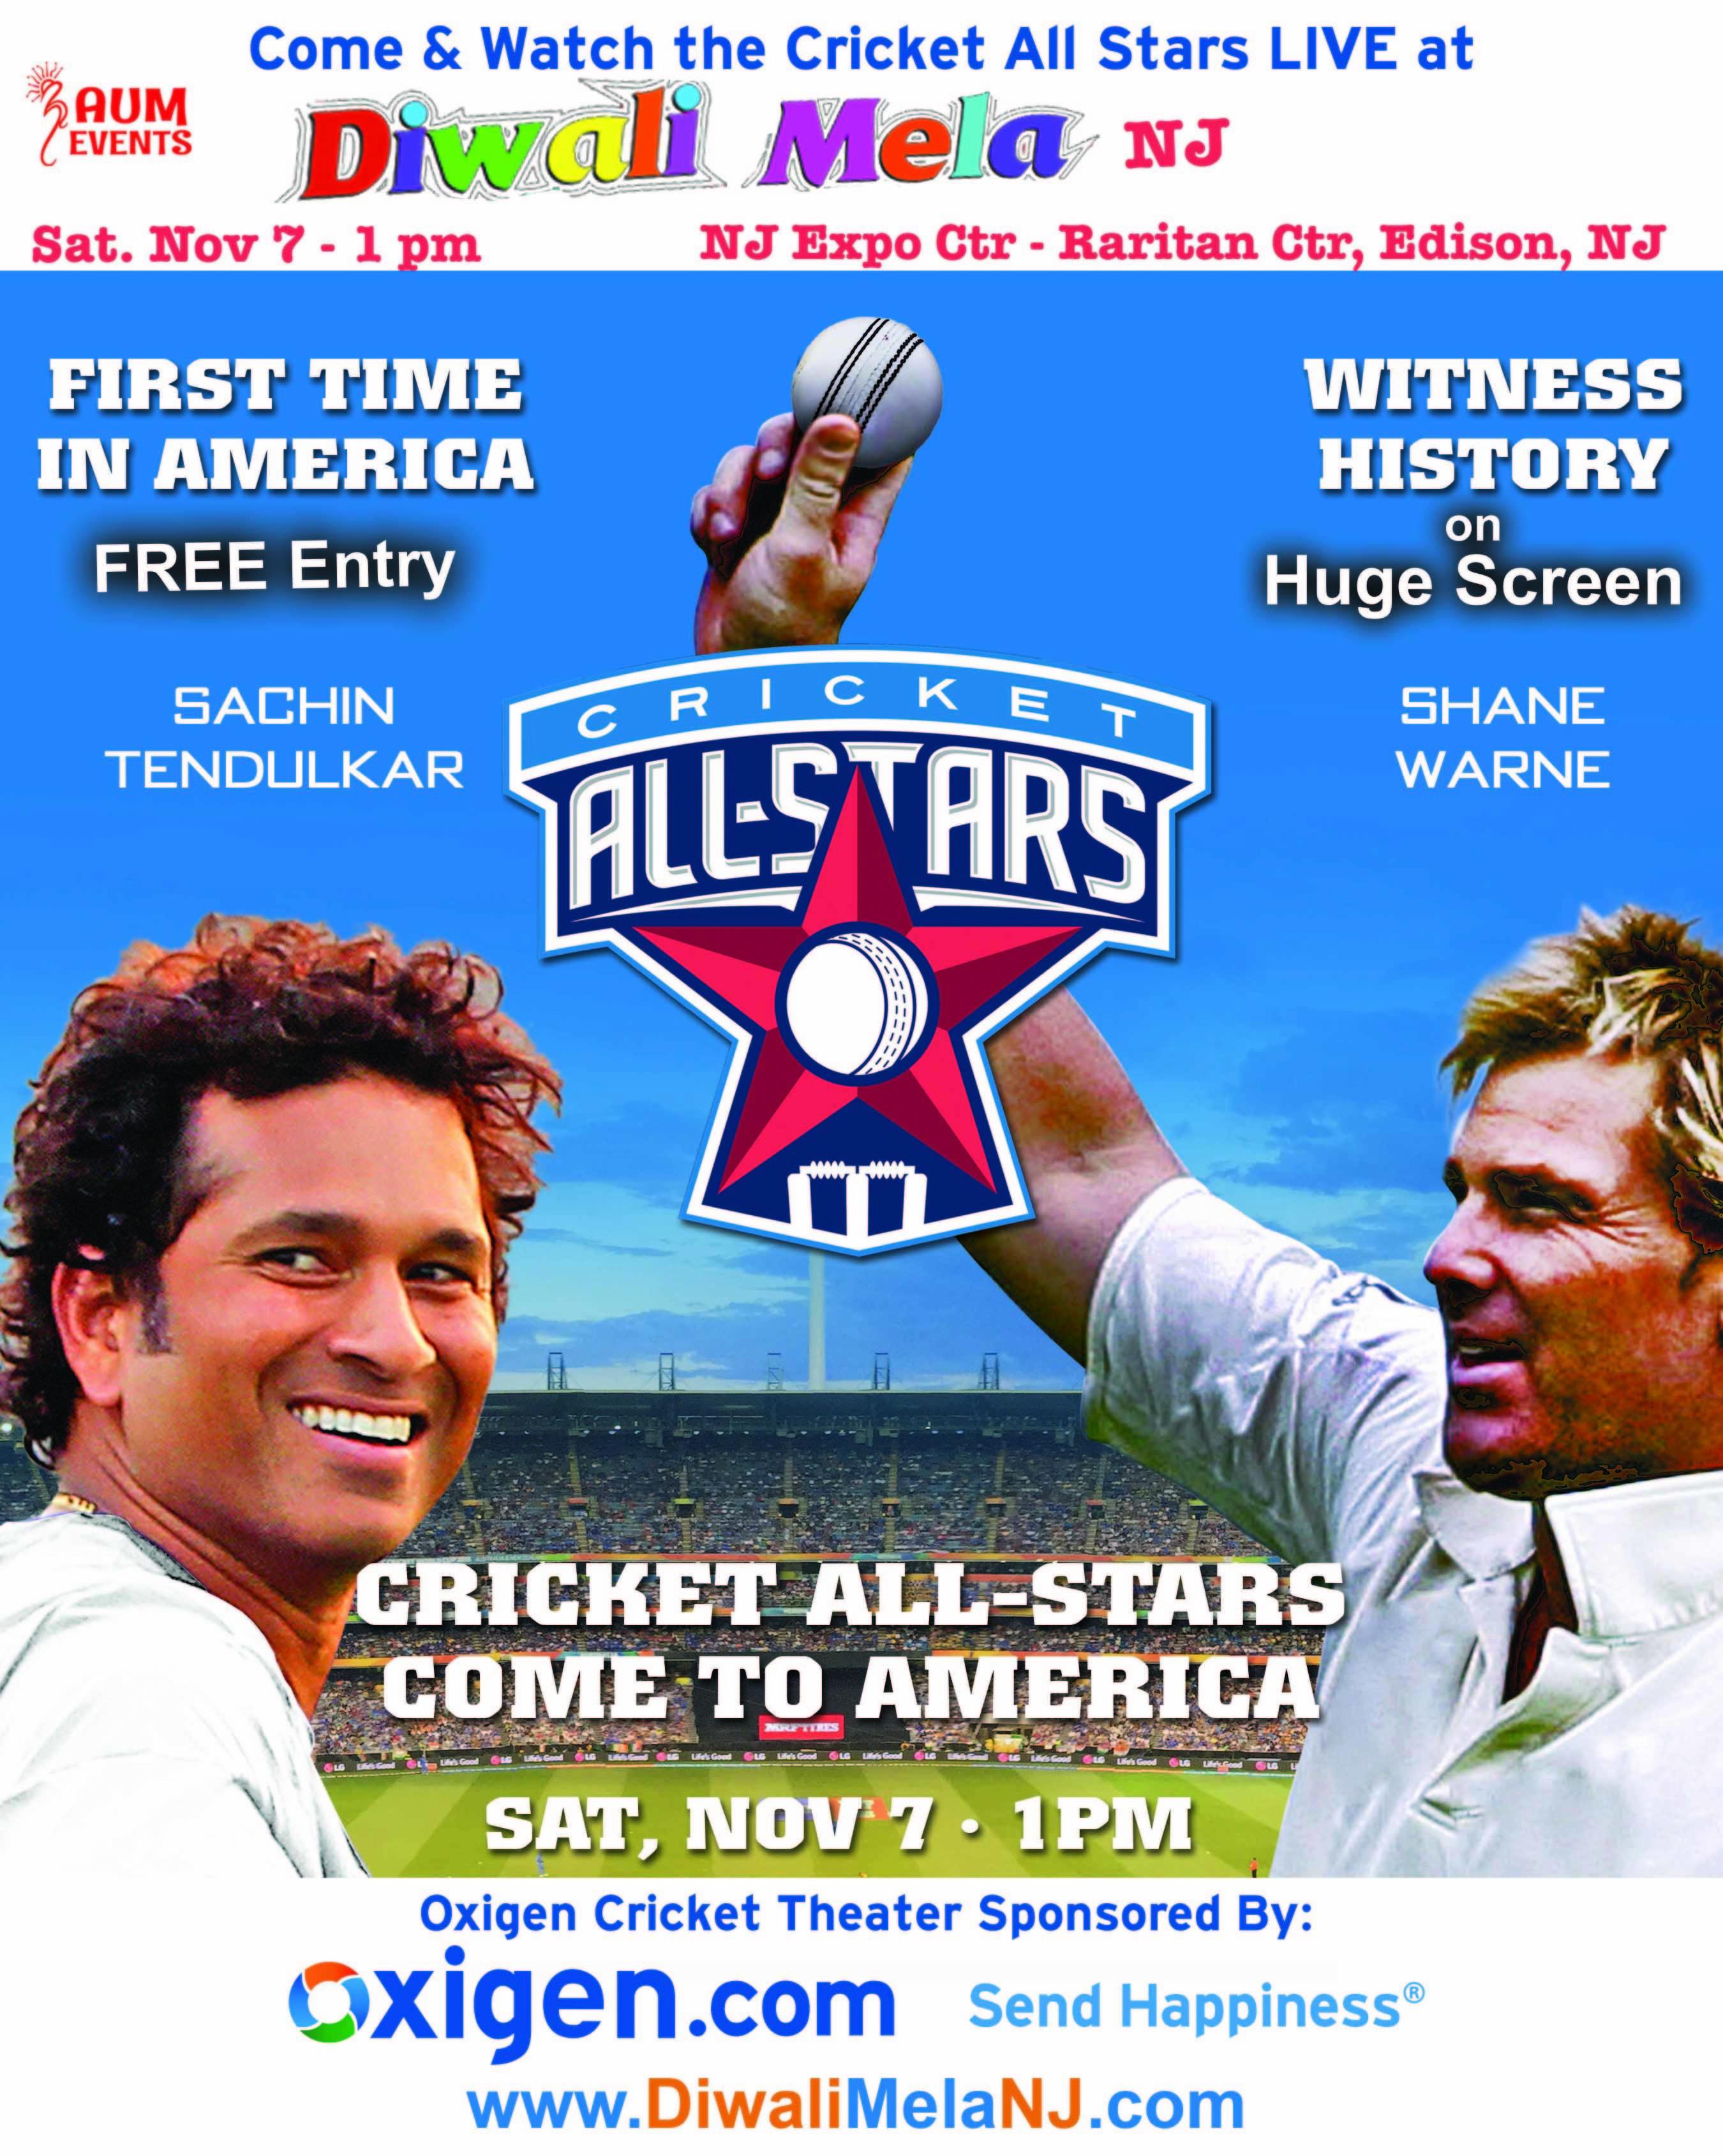 f33607e7491f434508f0_Diwali_Mela_NJ_All_Stars_Cricket.jpg